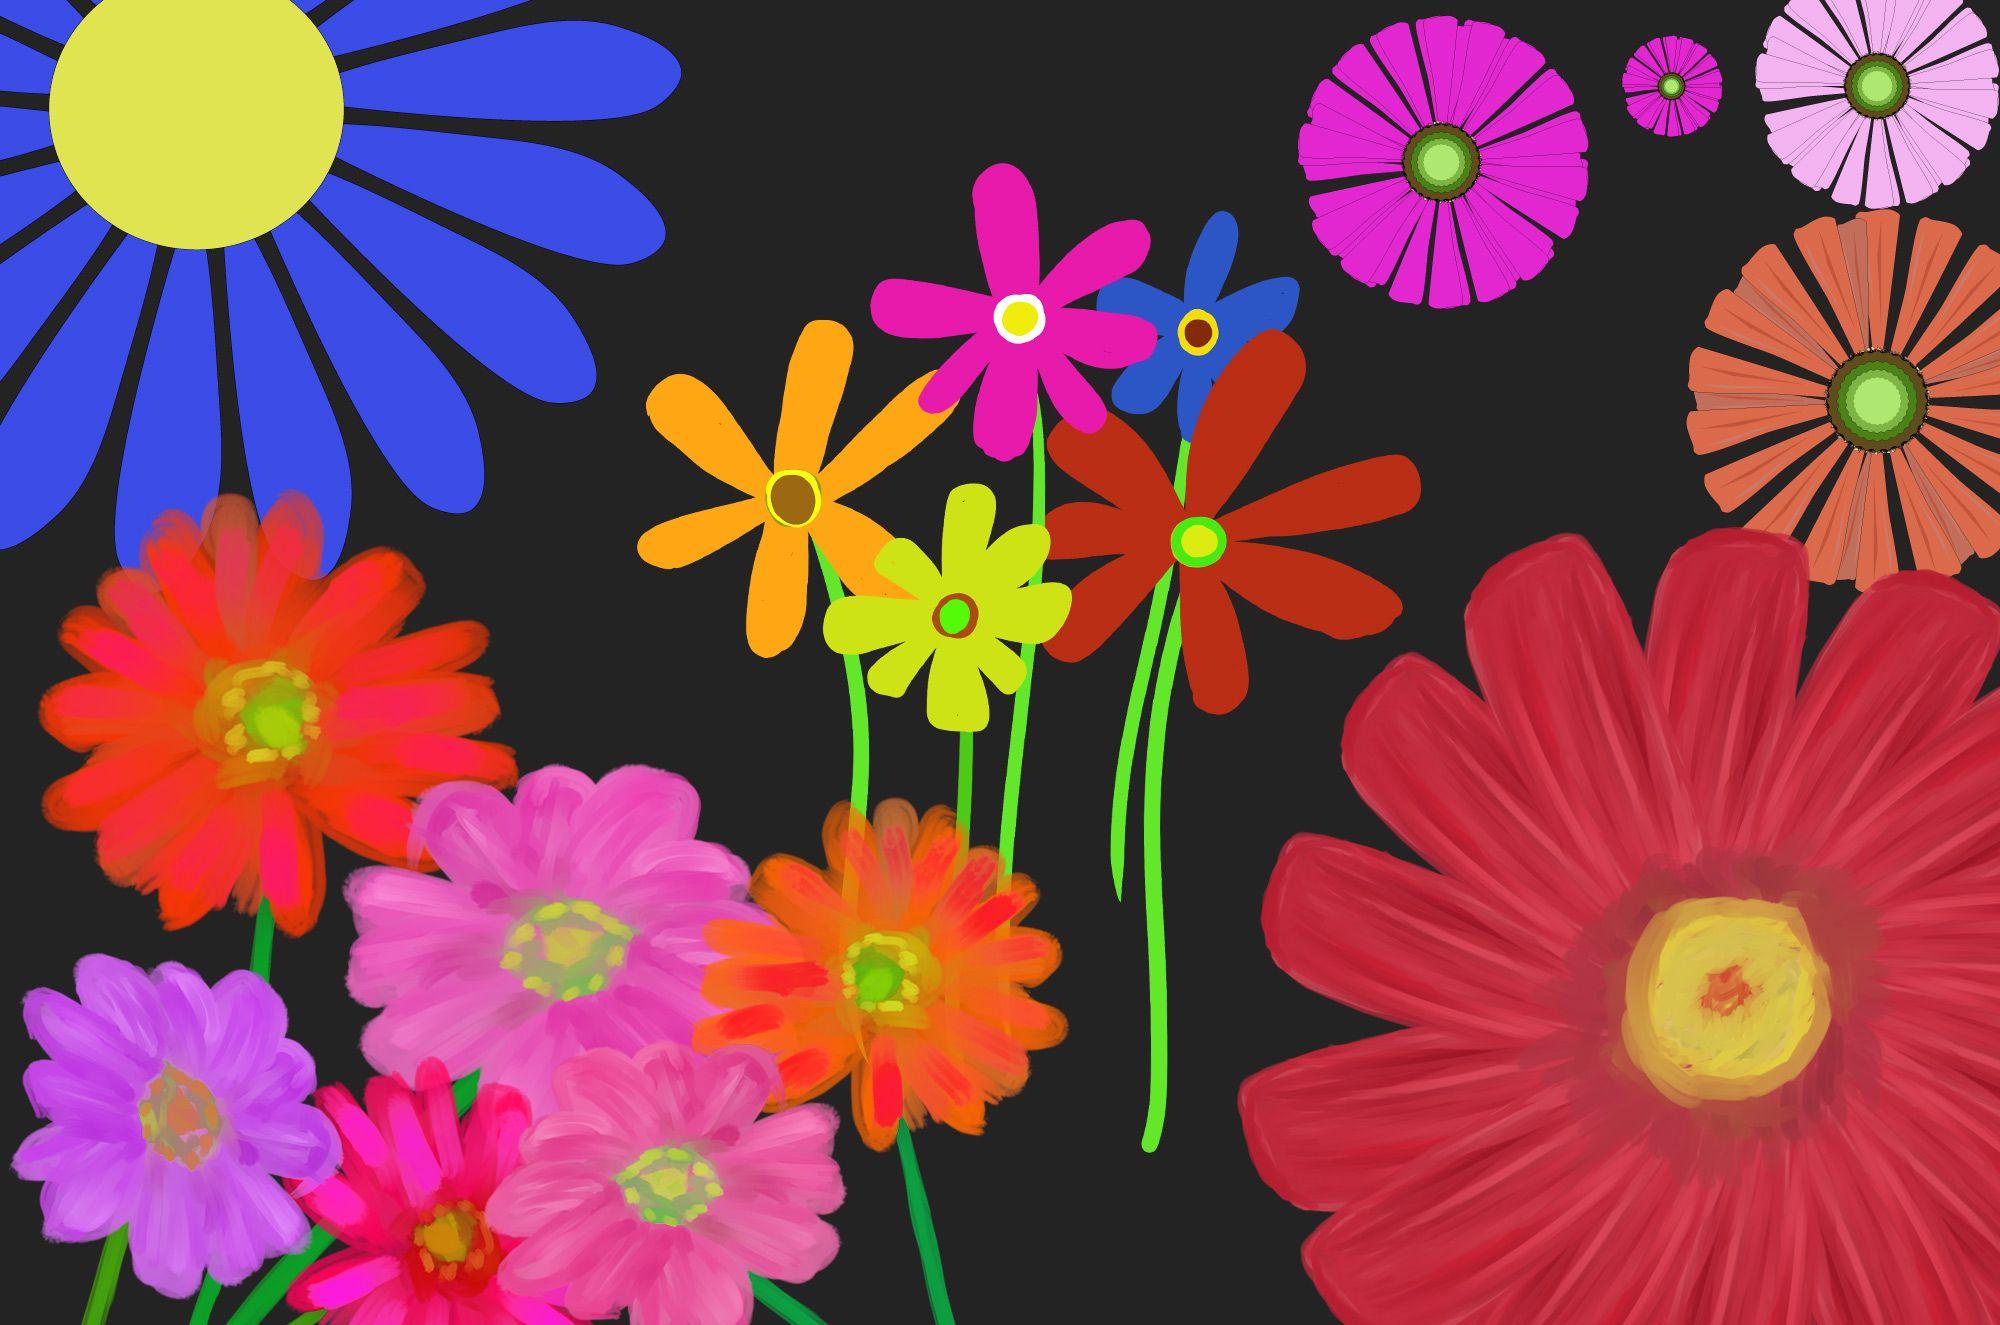 ガーベラの可愛い無料イラスト素材!カラフルなビビドカラーがとっても